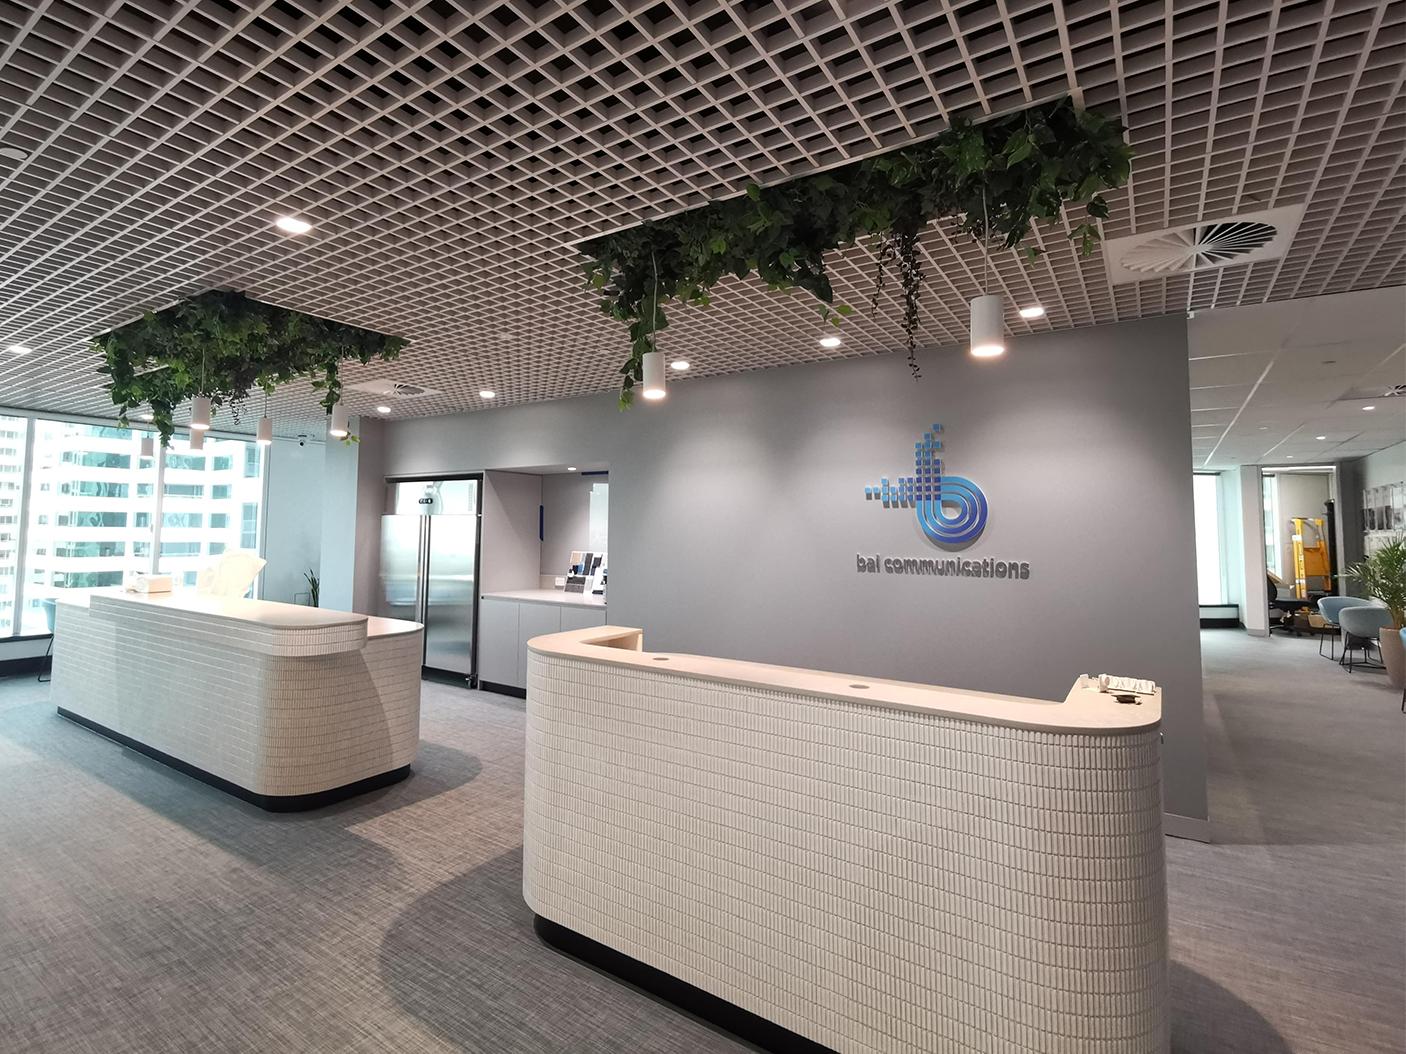 BAI communications greenery-min-1